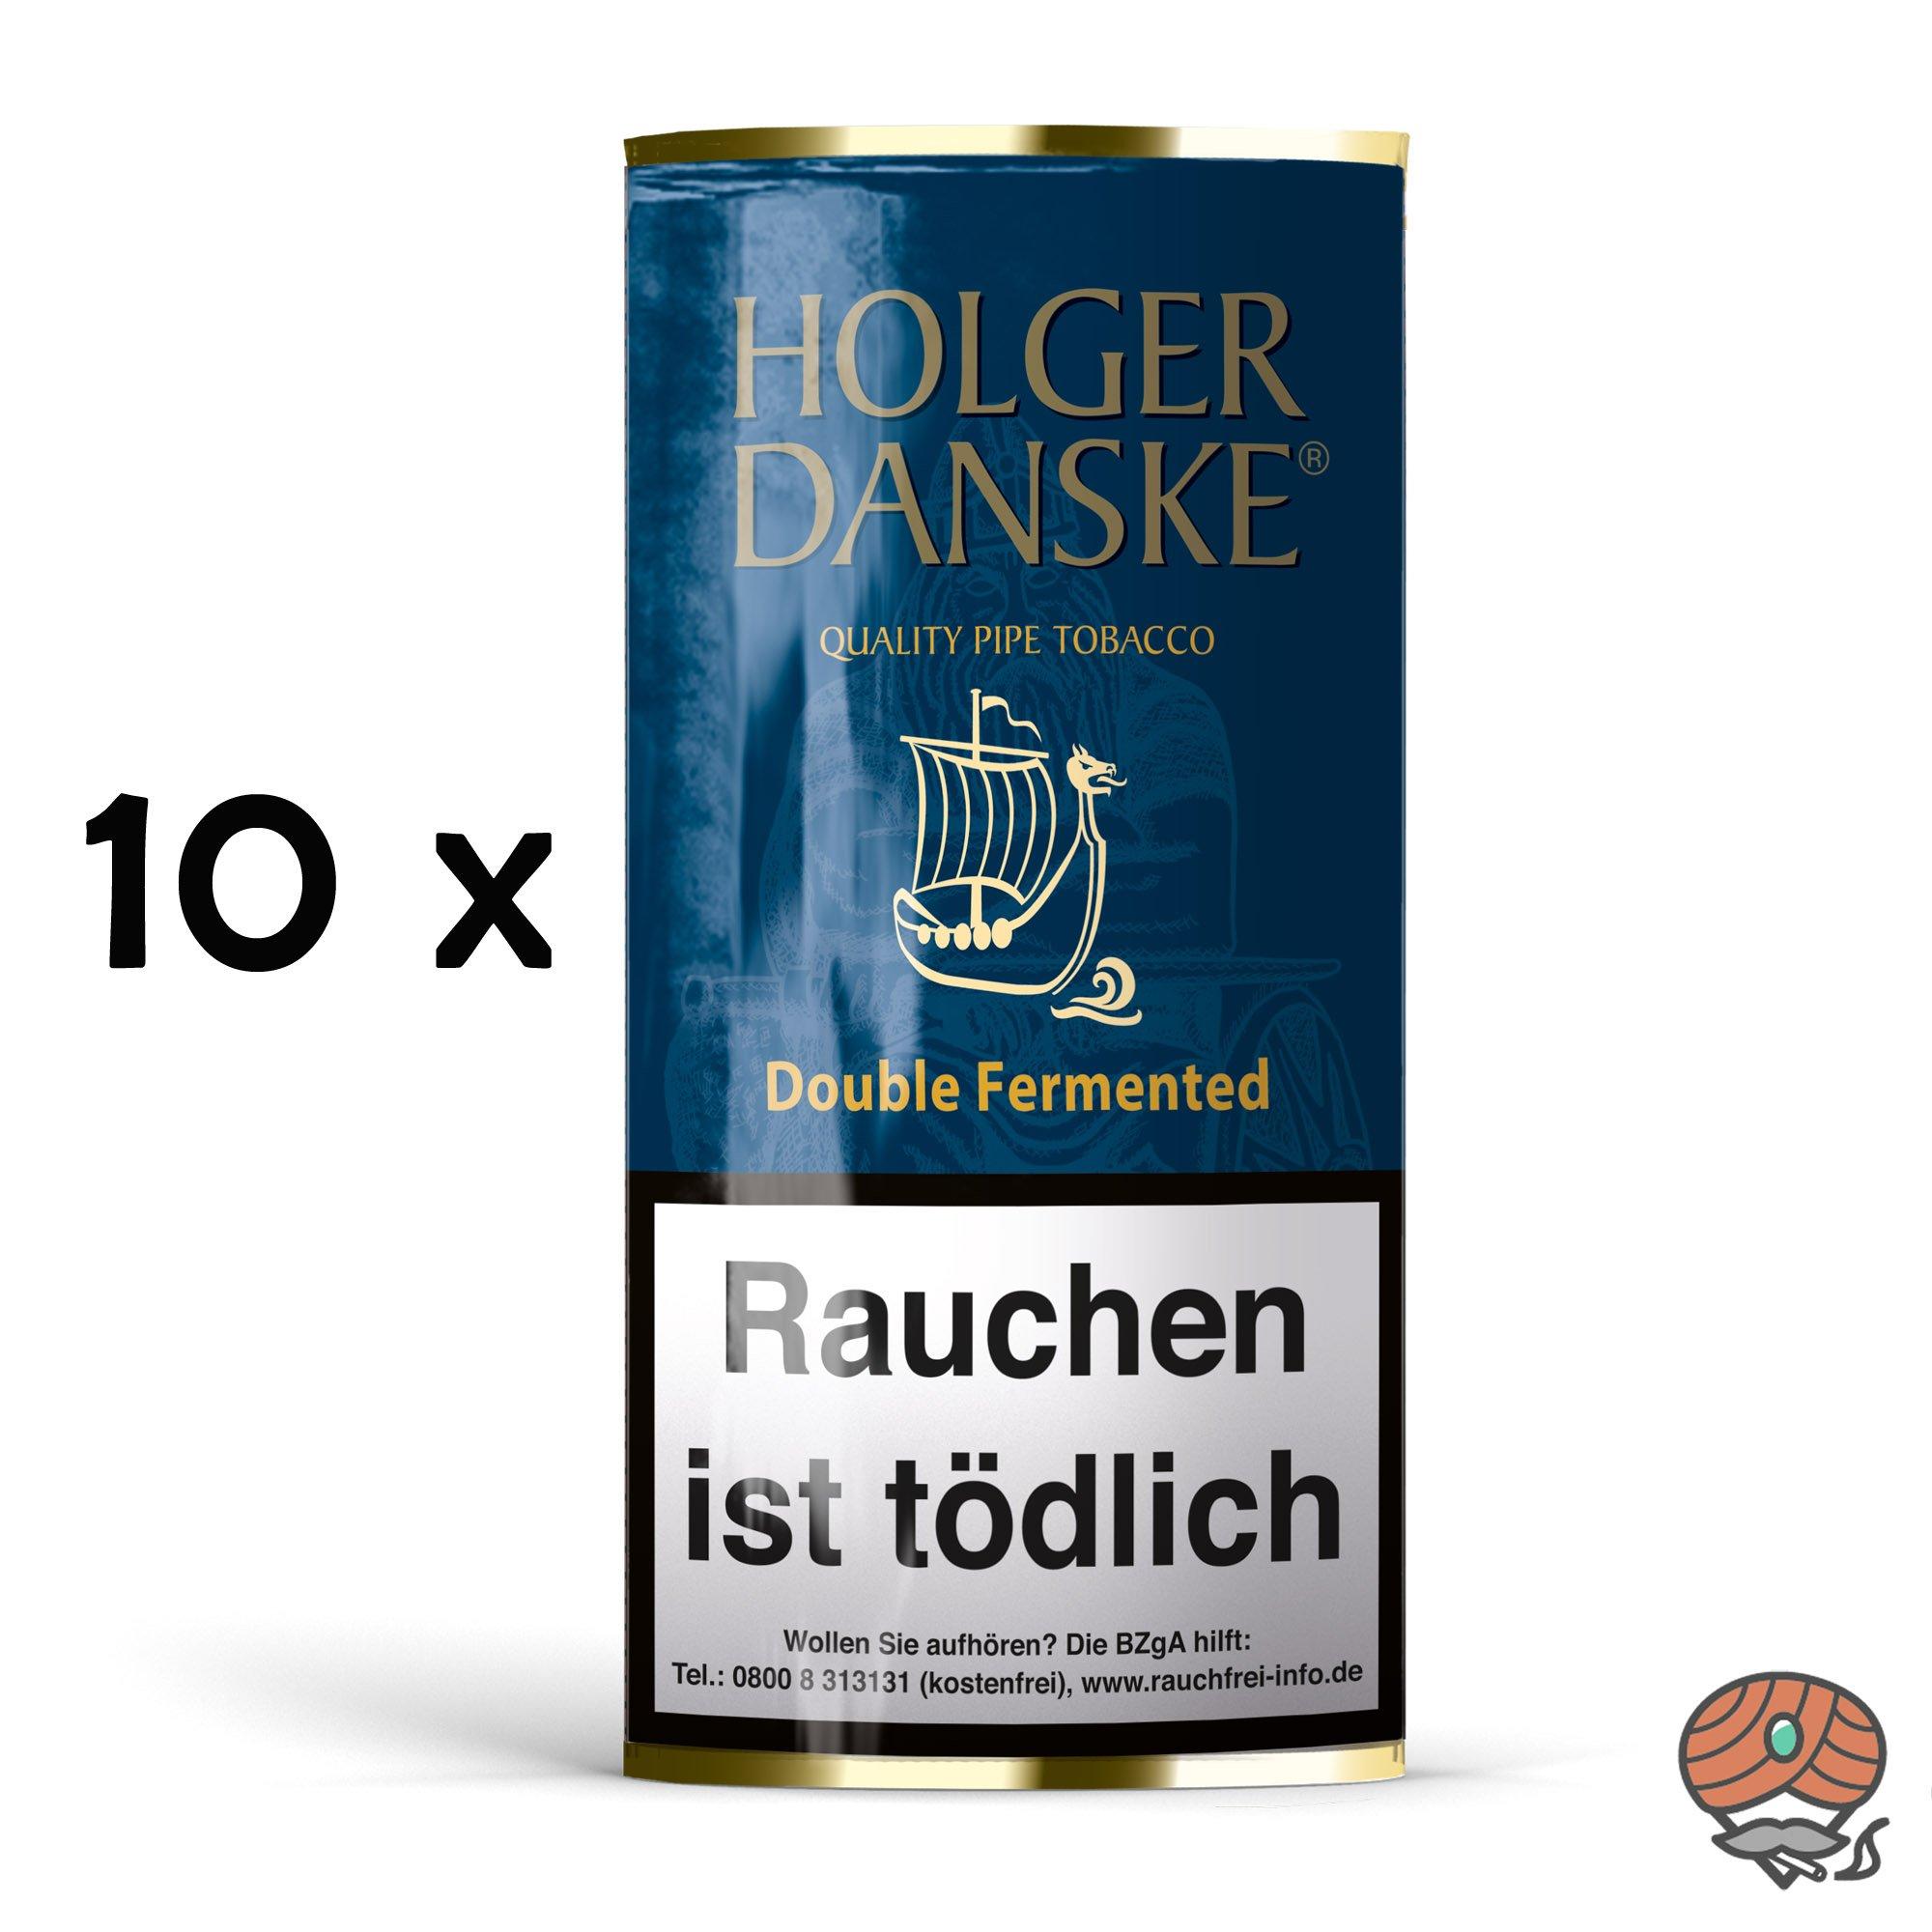 10 x Holger Danske Double Fermented Pfeifentabak à 40g